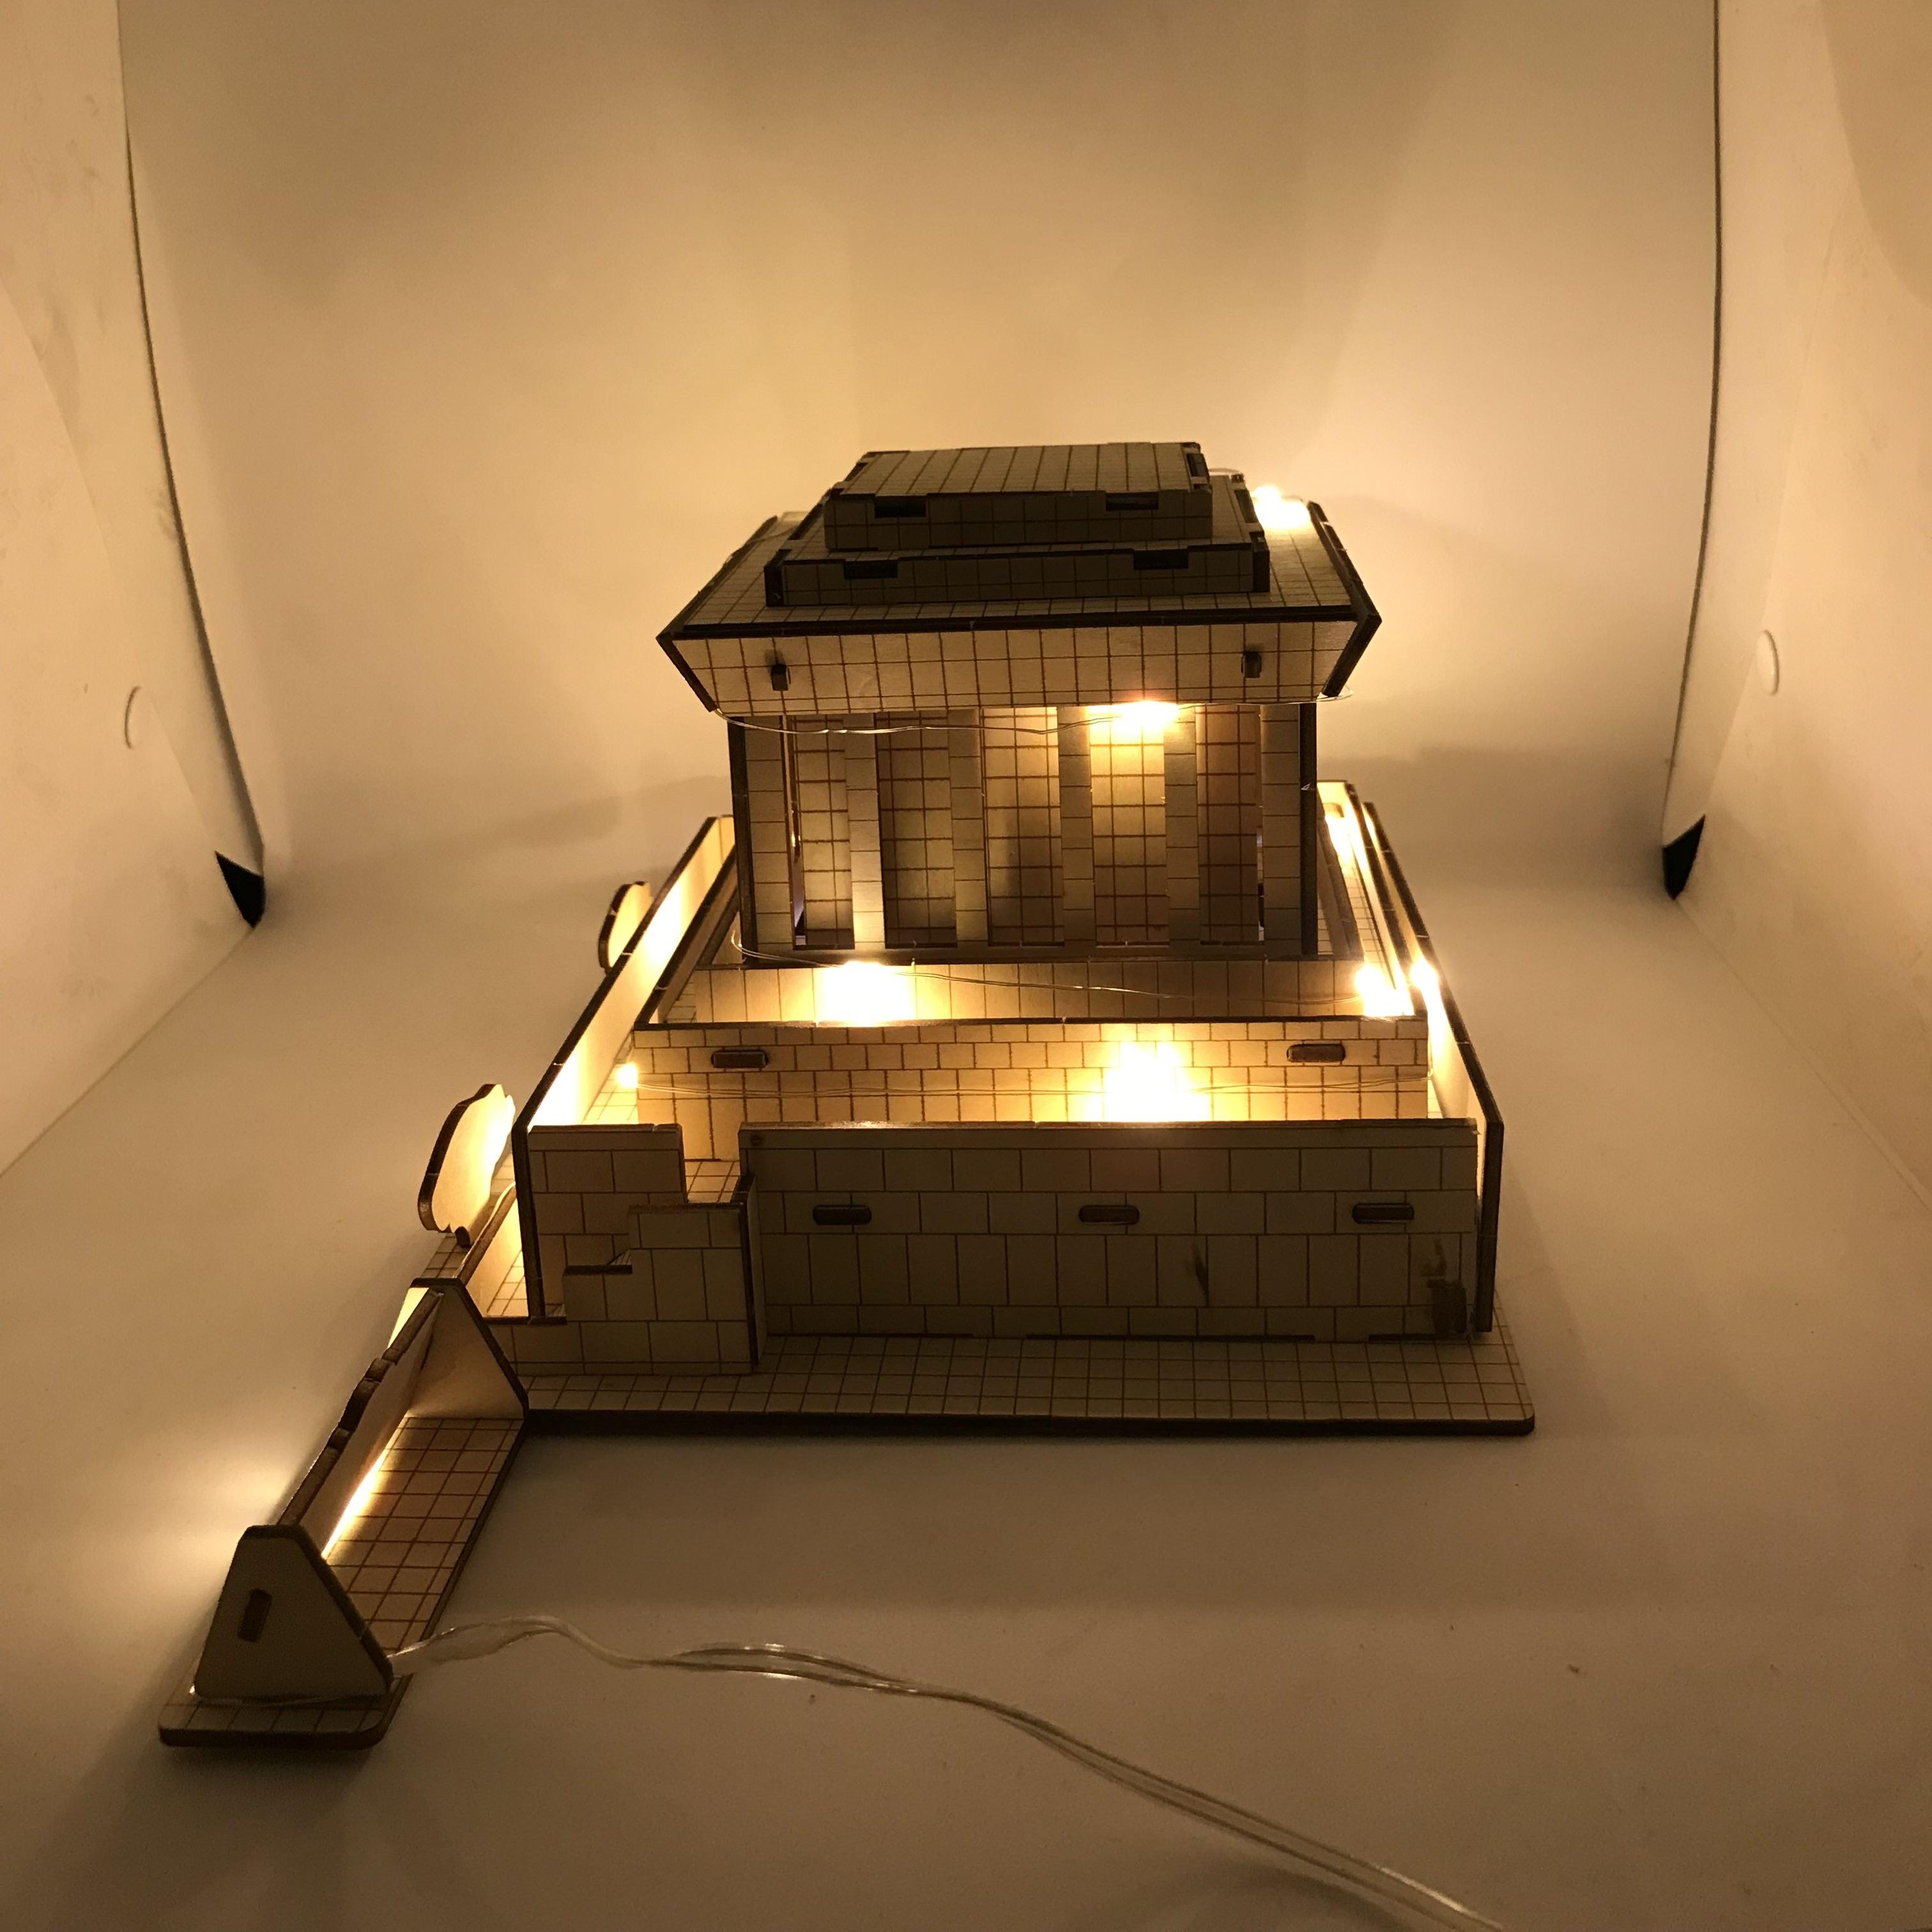 Đồ chơi lắp ráp gỗ 3D Mô hình Lăng Chủ tịch Hồ Chí Minh - Mô hình Lăng Bác Hồ - Tặng kèm Đèn LED